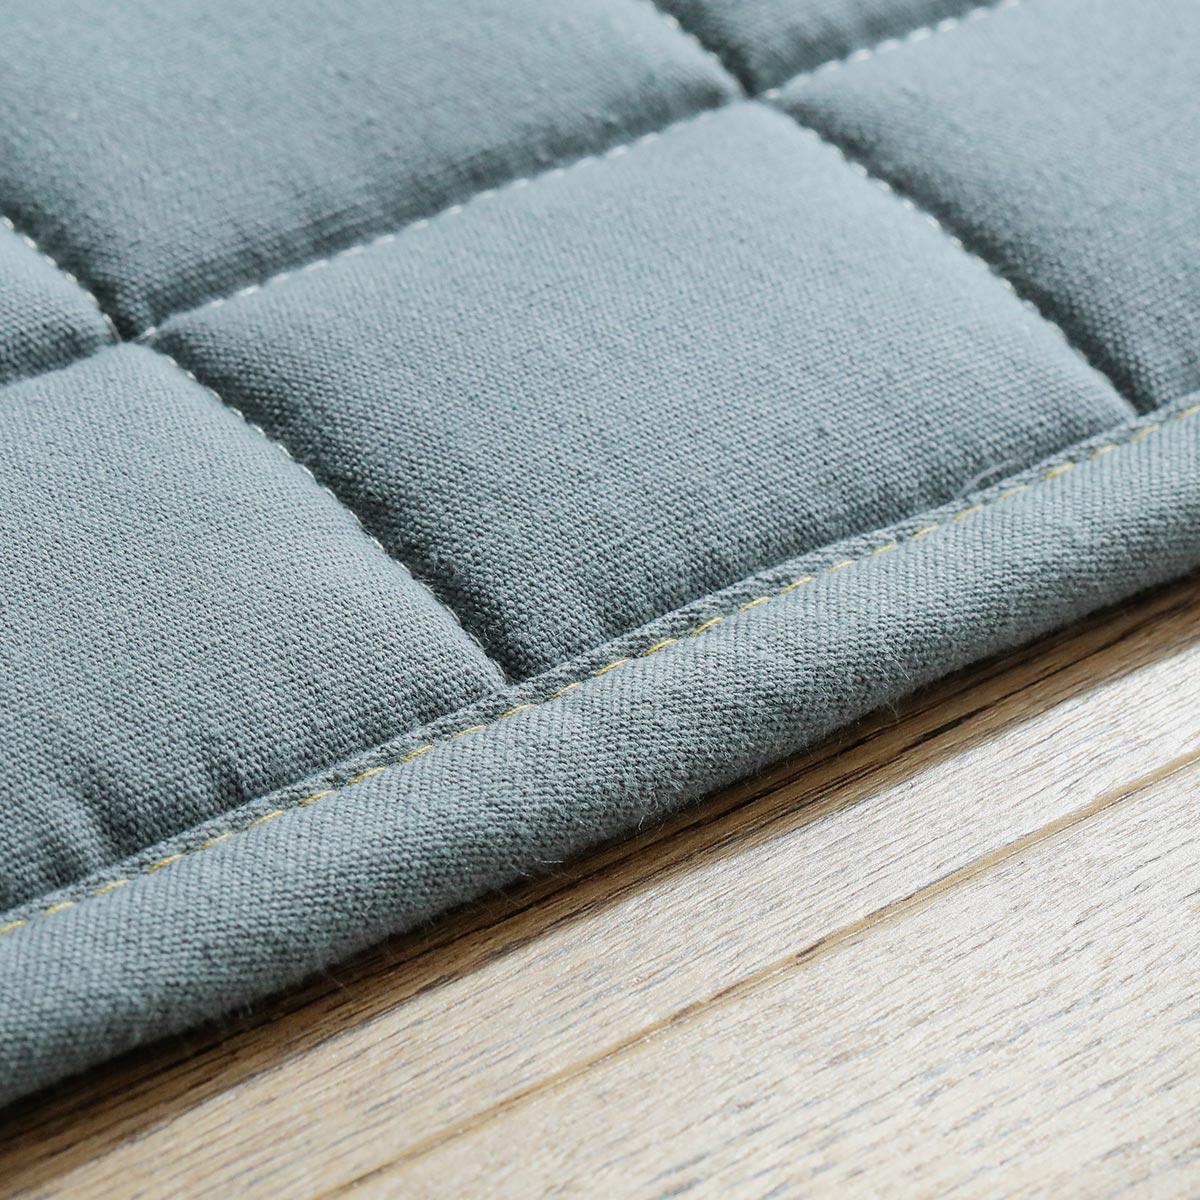 フチも同じ素材でしっかり縫い合わせています。